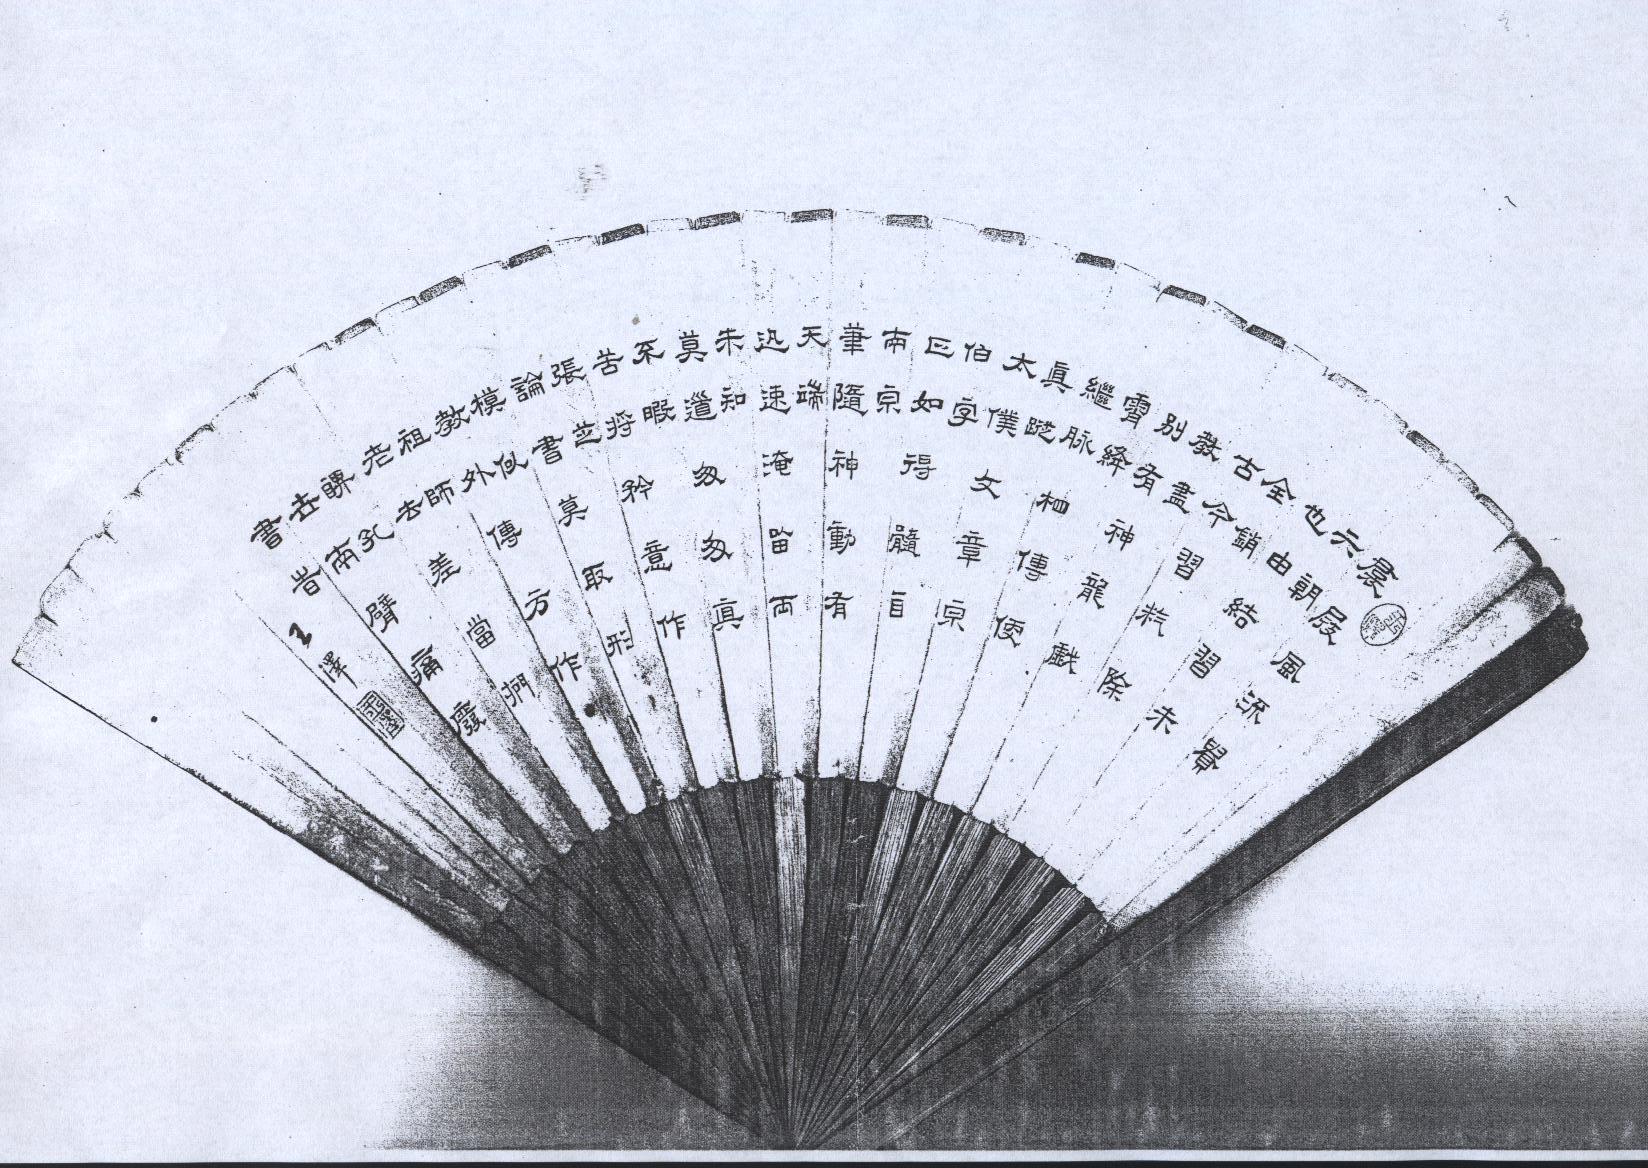 王泽烈士遗物纸扇书法作品(2)